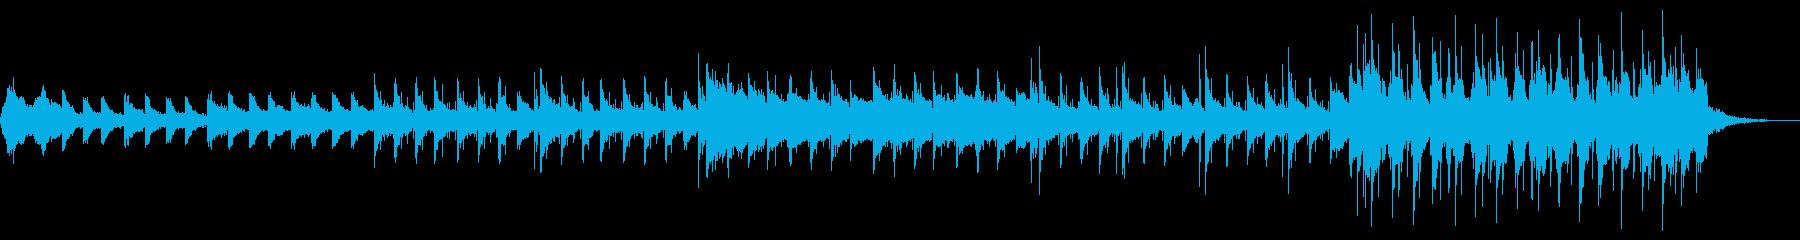 壮大なロックバラード ピアノ ドラム の再生済みの波形